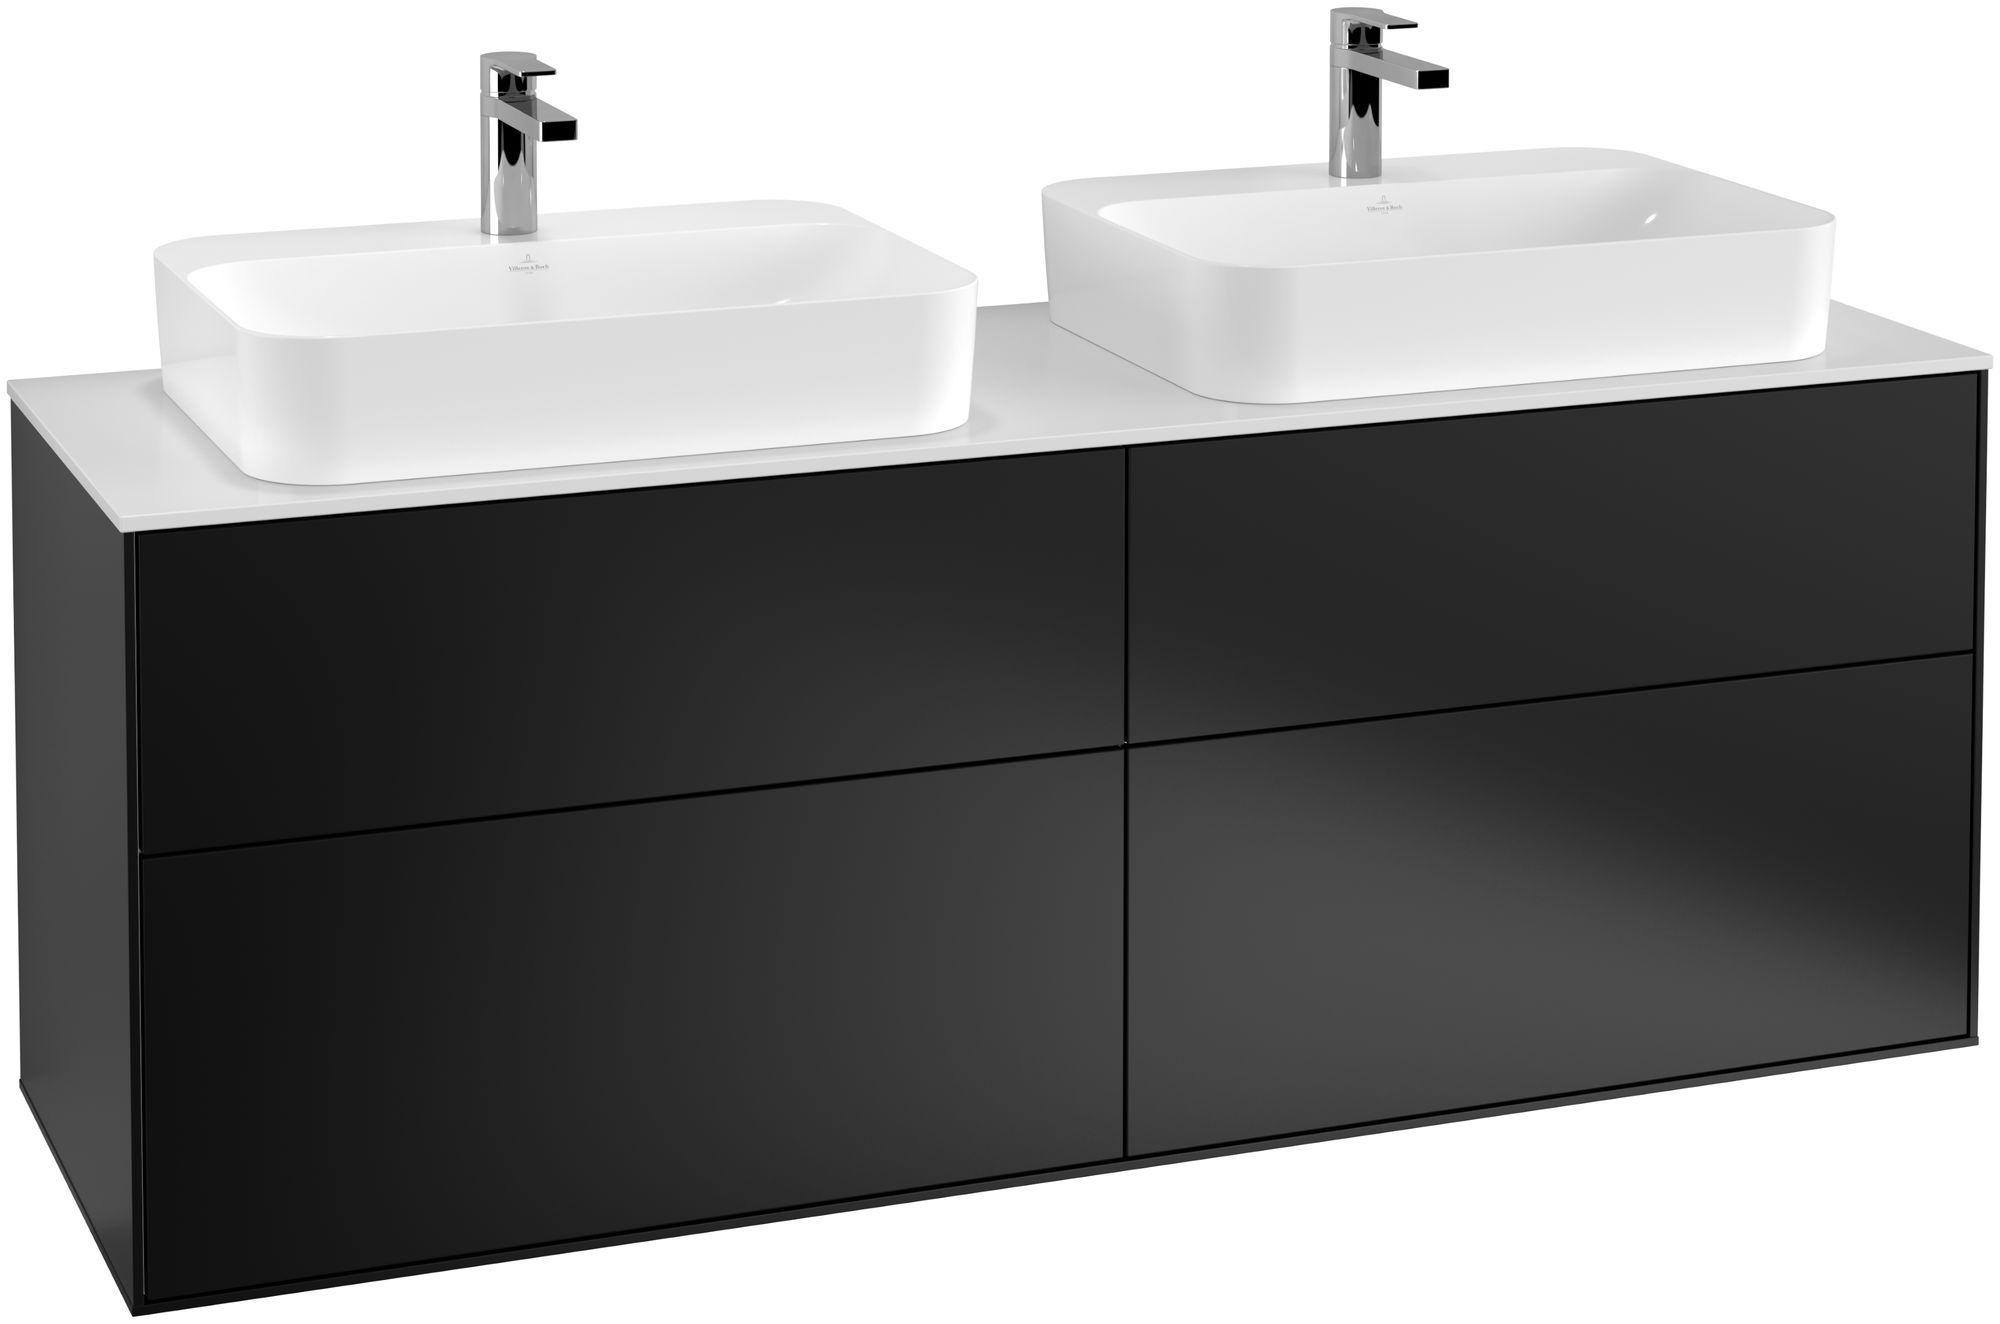 Villeroy & Boch Finion G43 Waschtischunterschrank 4 Auszüge LED-Beleuchtung B:160xH:60,3xT:50,1cm Front, Korpus: Black Matt Lacquer, Glasplatte: White Matt G43100PD